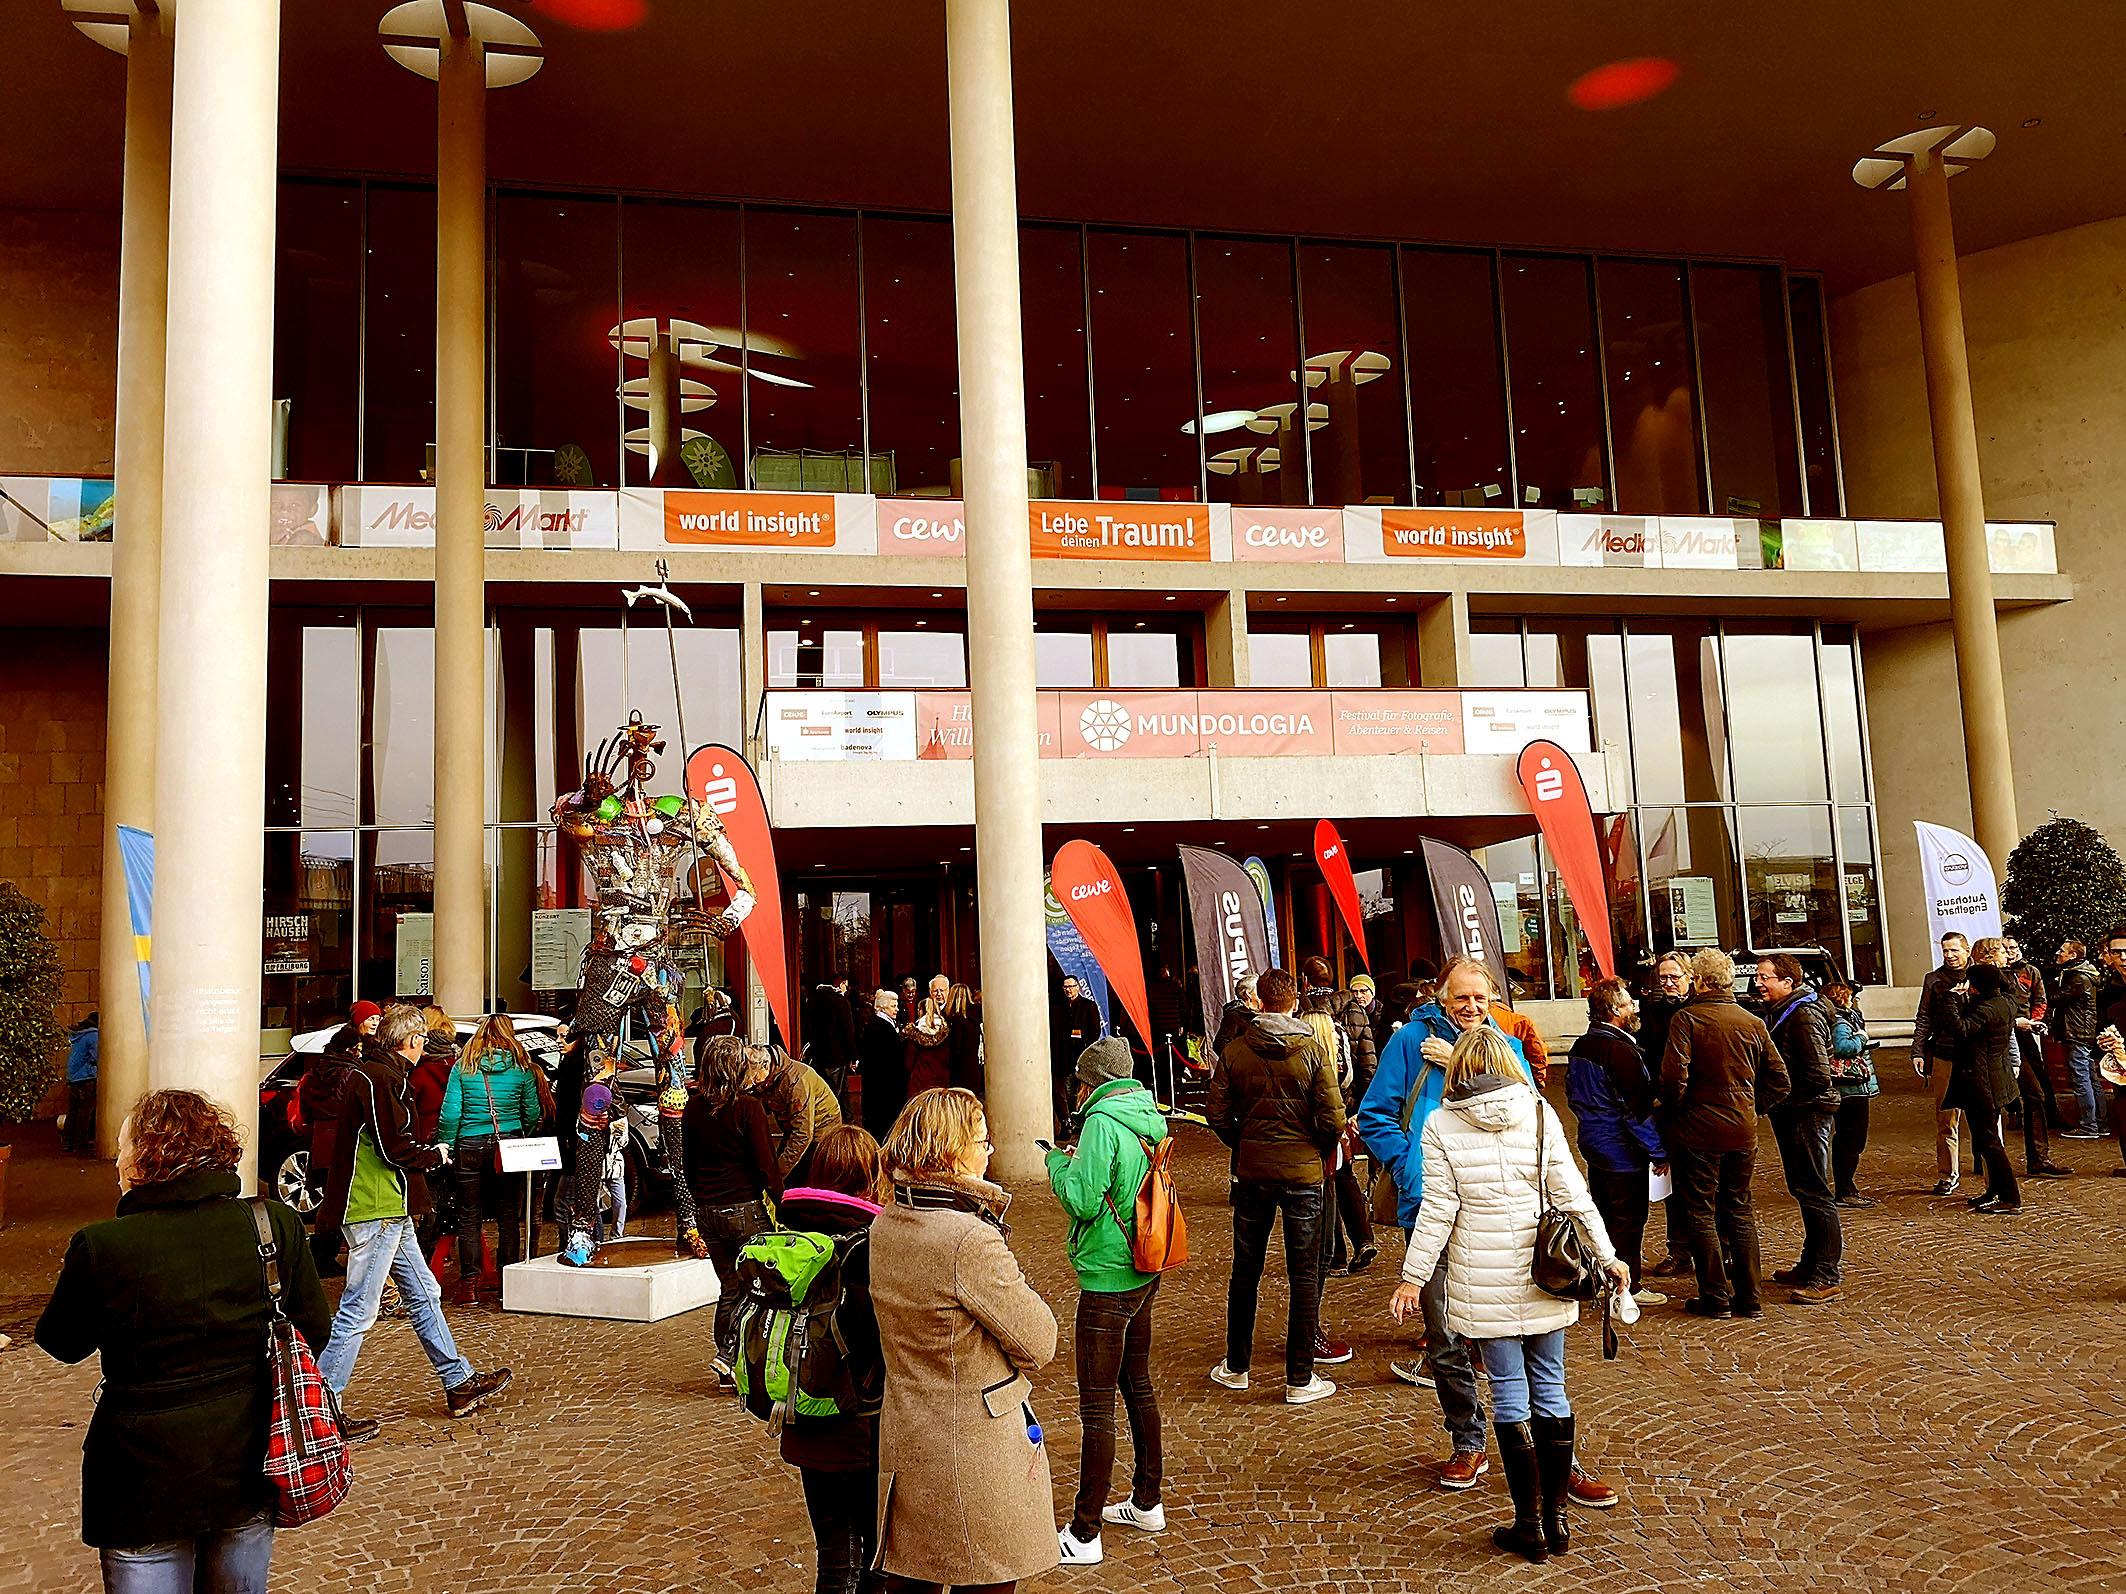 Foto: Michael B. Rehders - Das Konzerthaus in Freiburg am Tag der Eröffnung. Bereits eine Stunde vor Veranstaltungsbeginn trafen vielen Besucher ein.